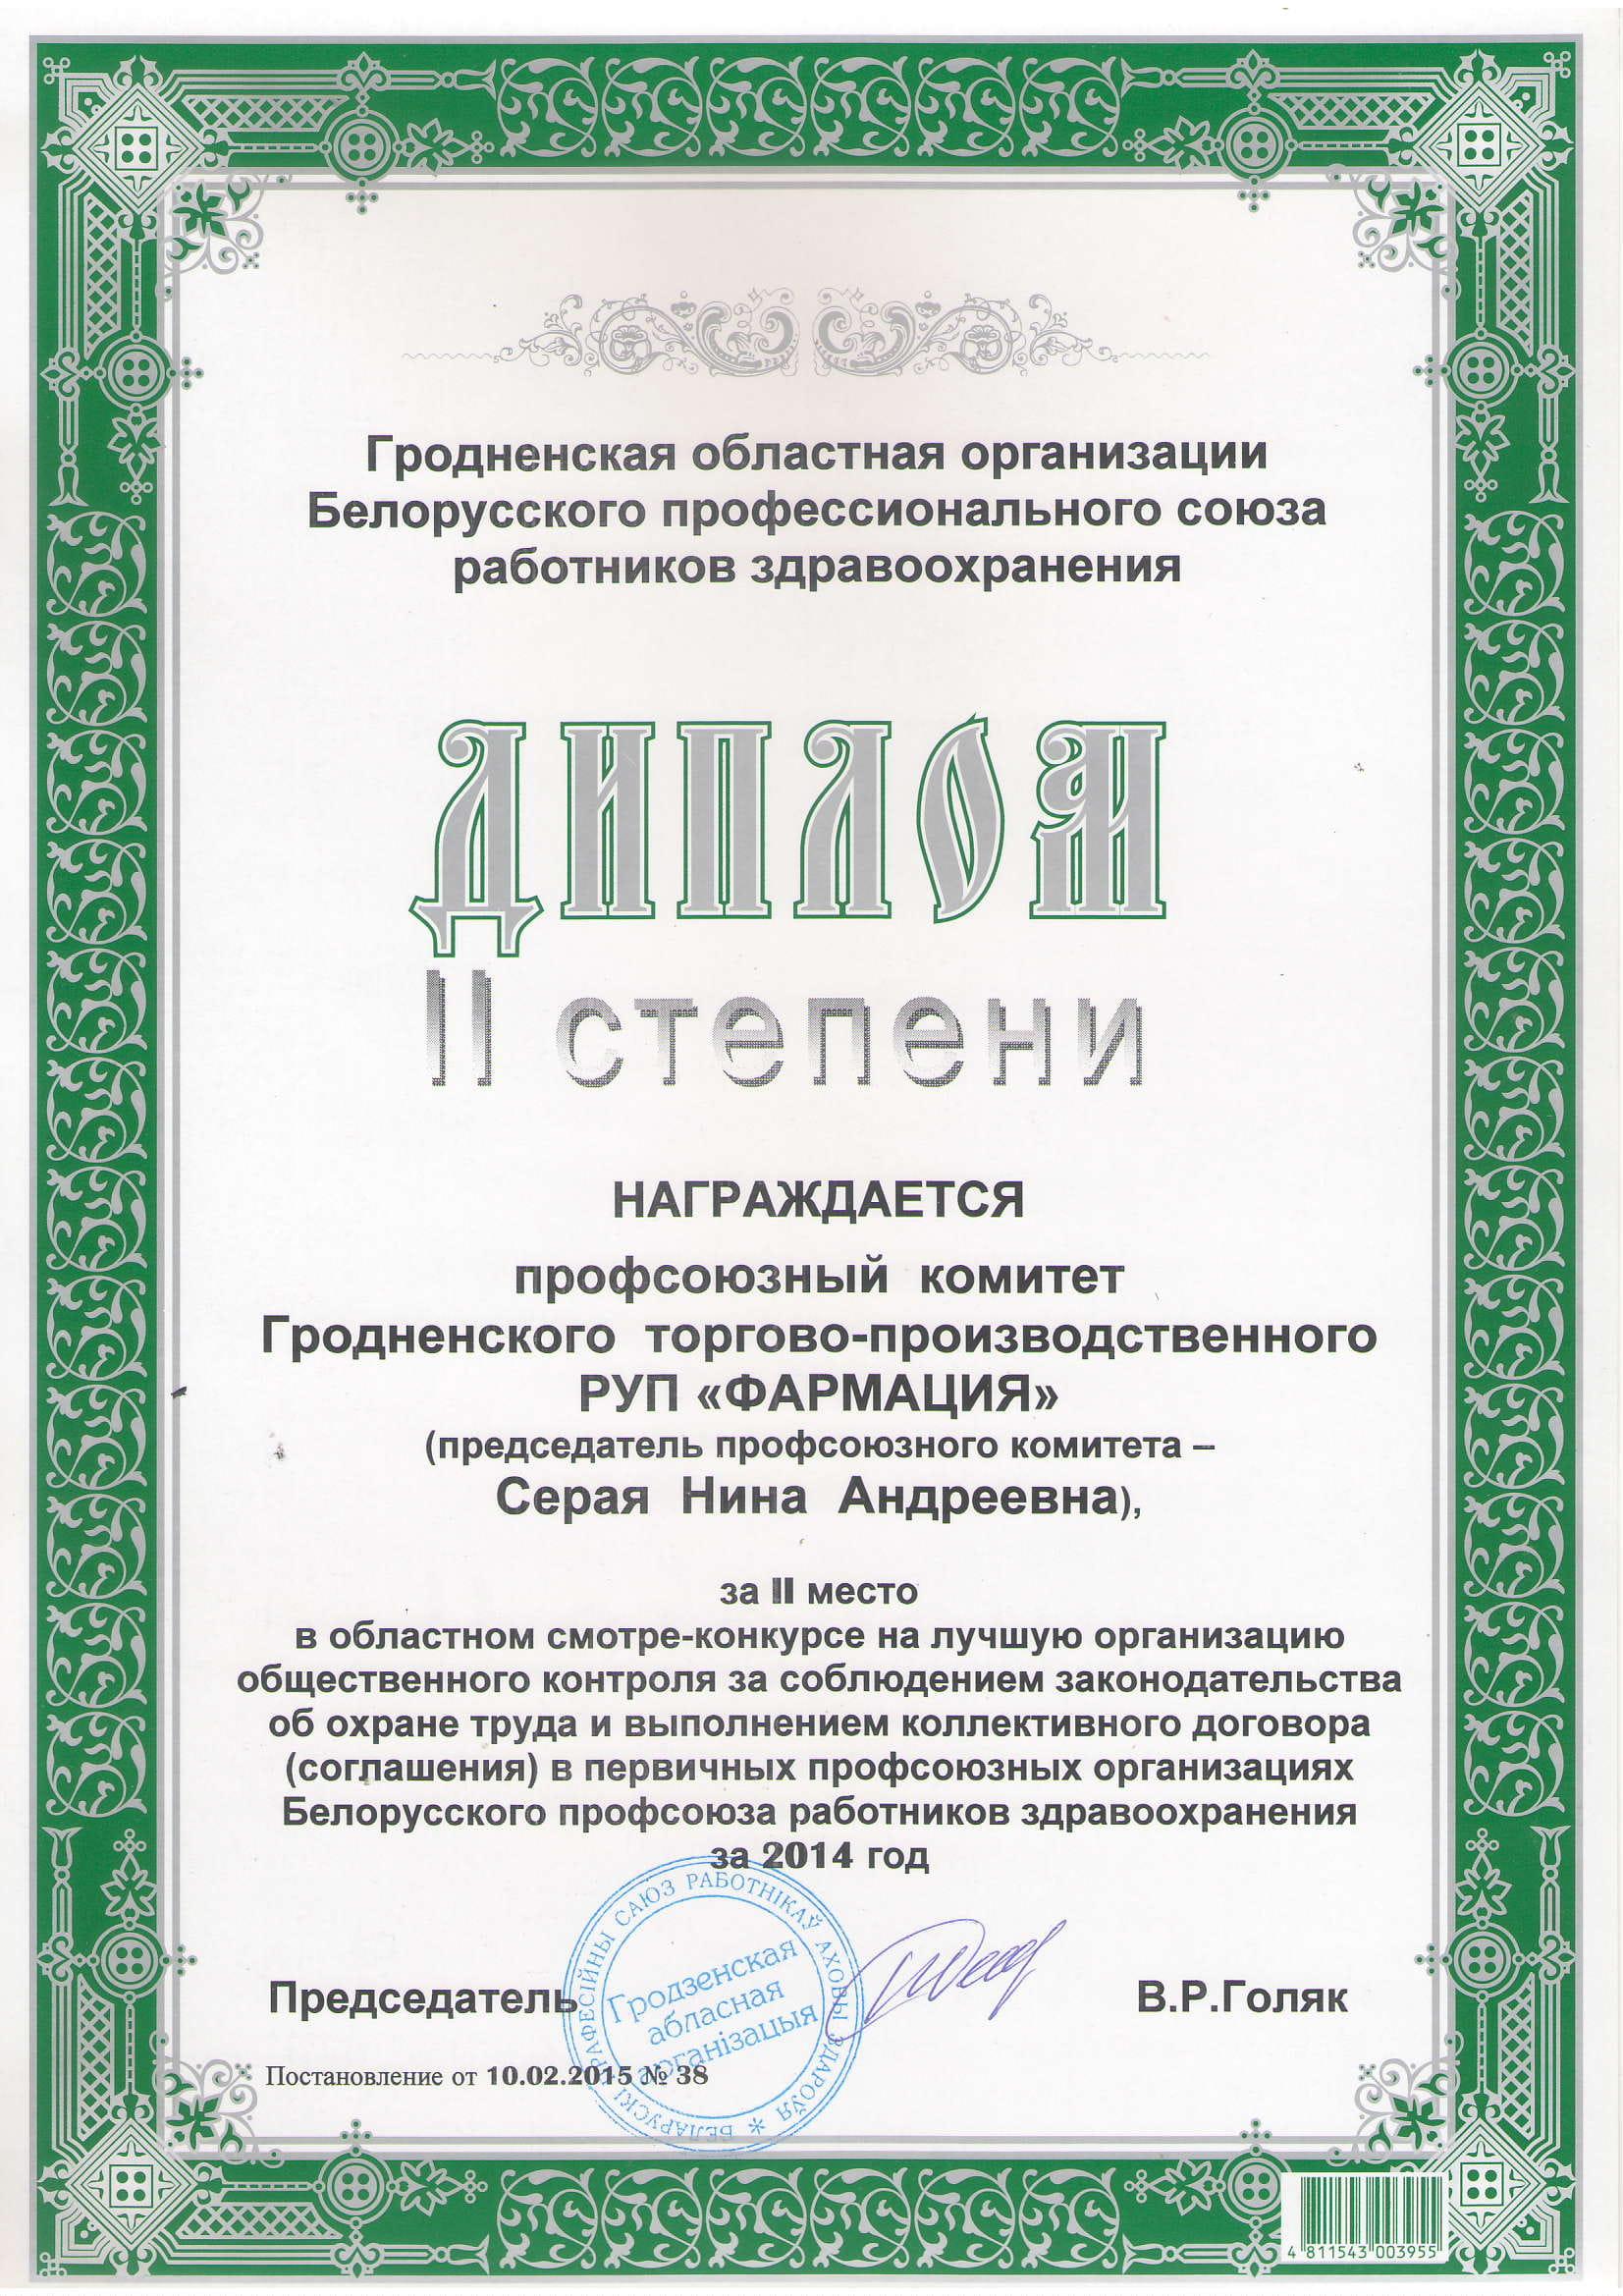 ОТ 2 м. 2014-1